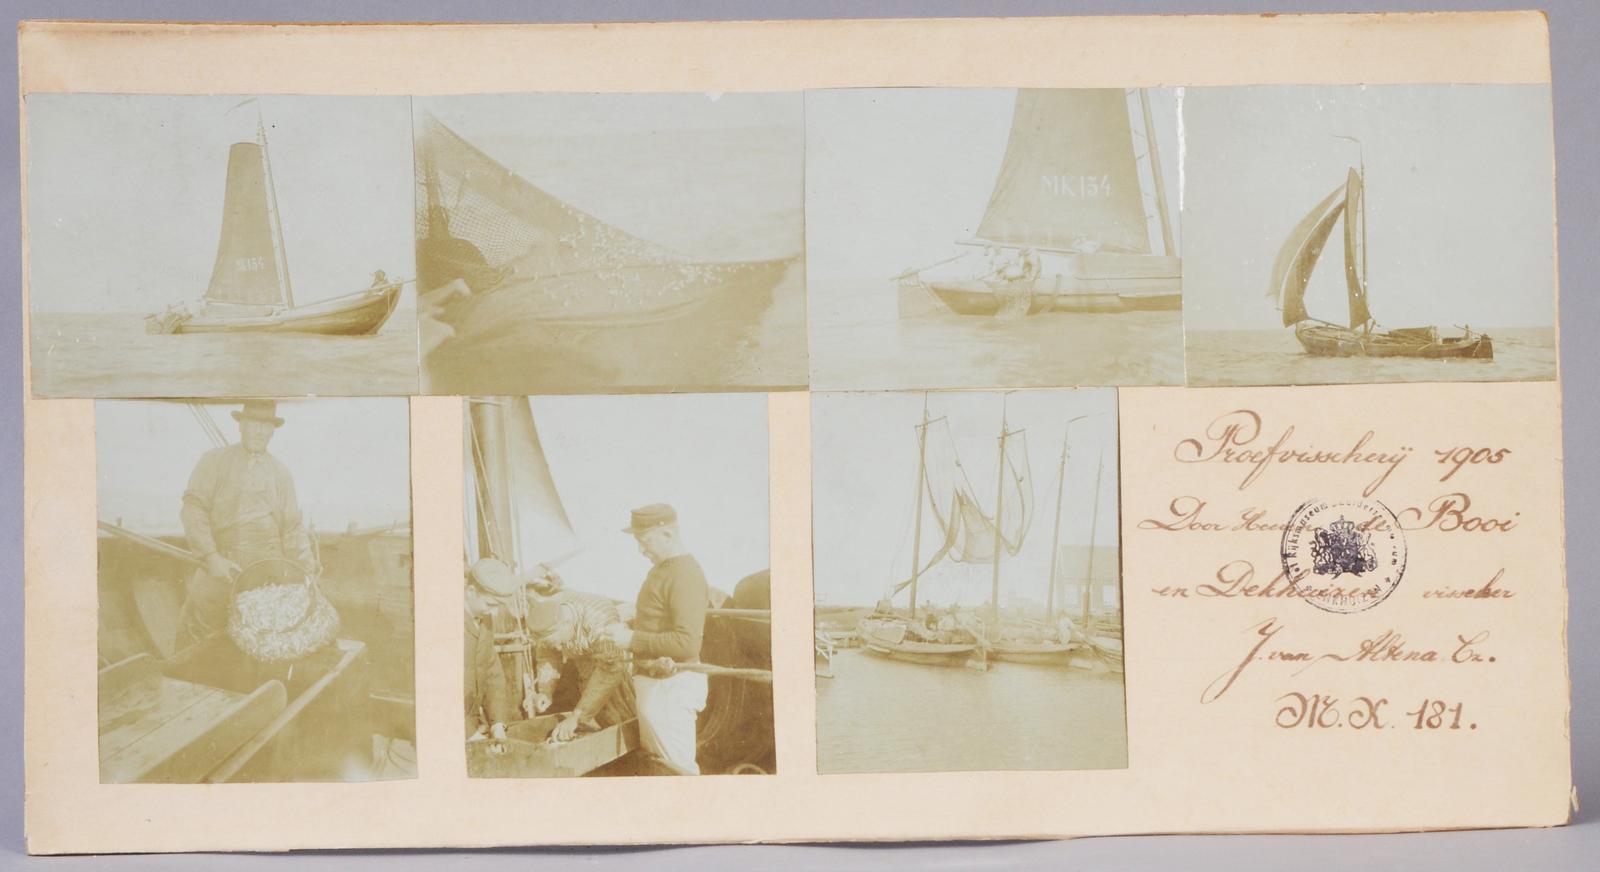 Proefvisscherij 1905